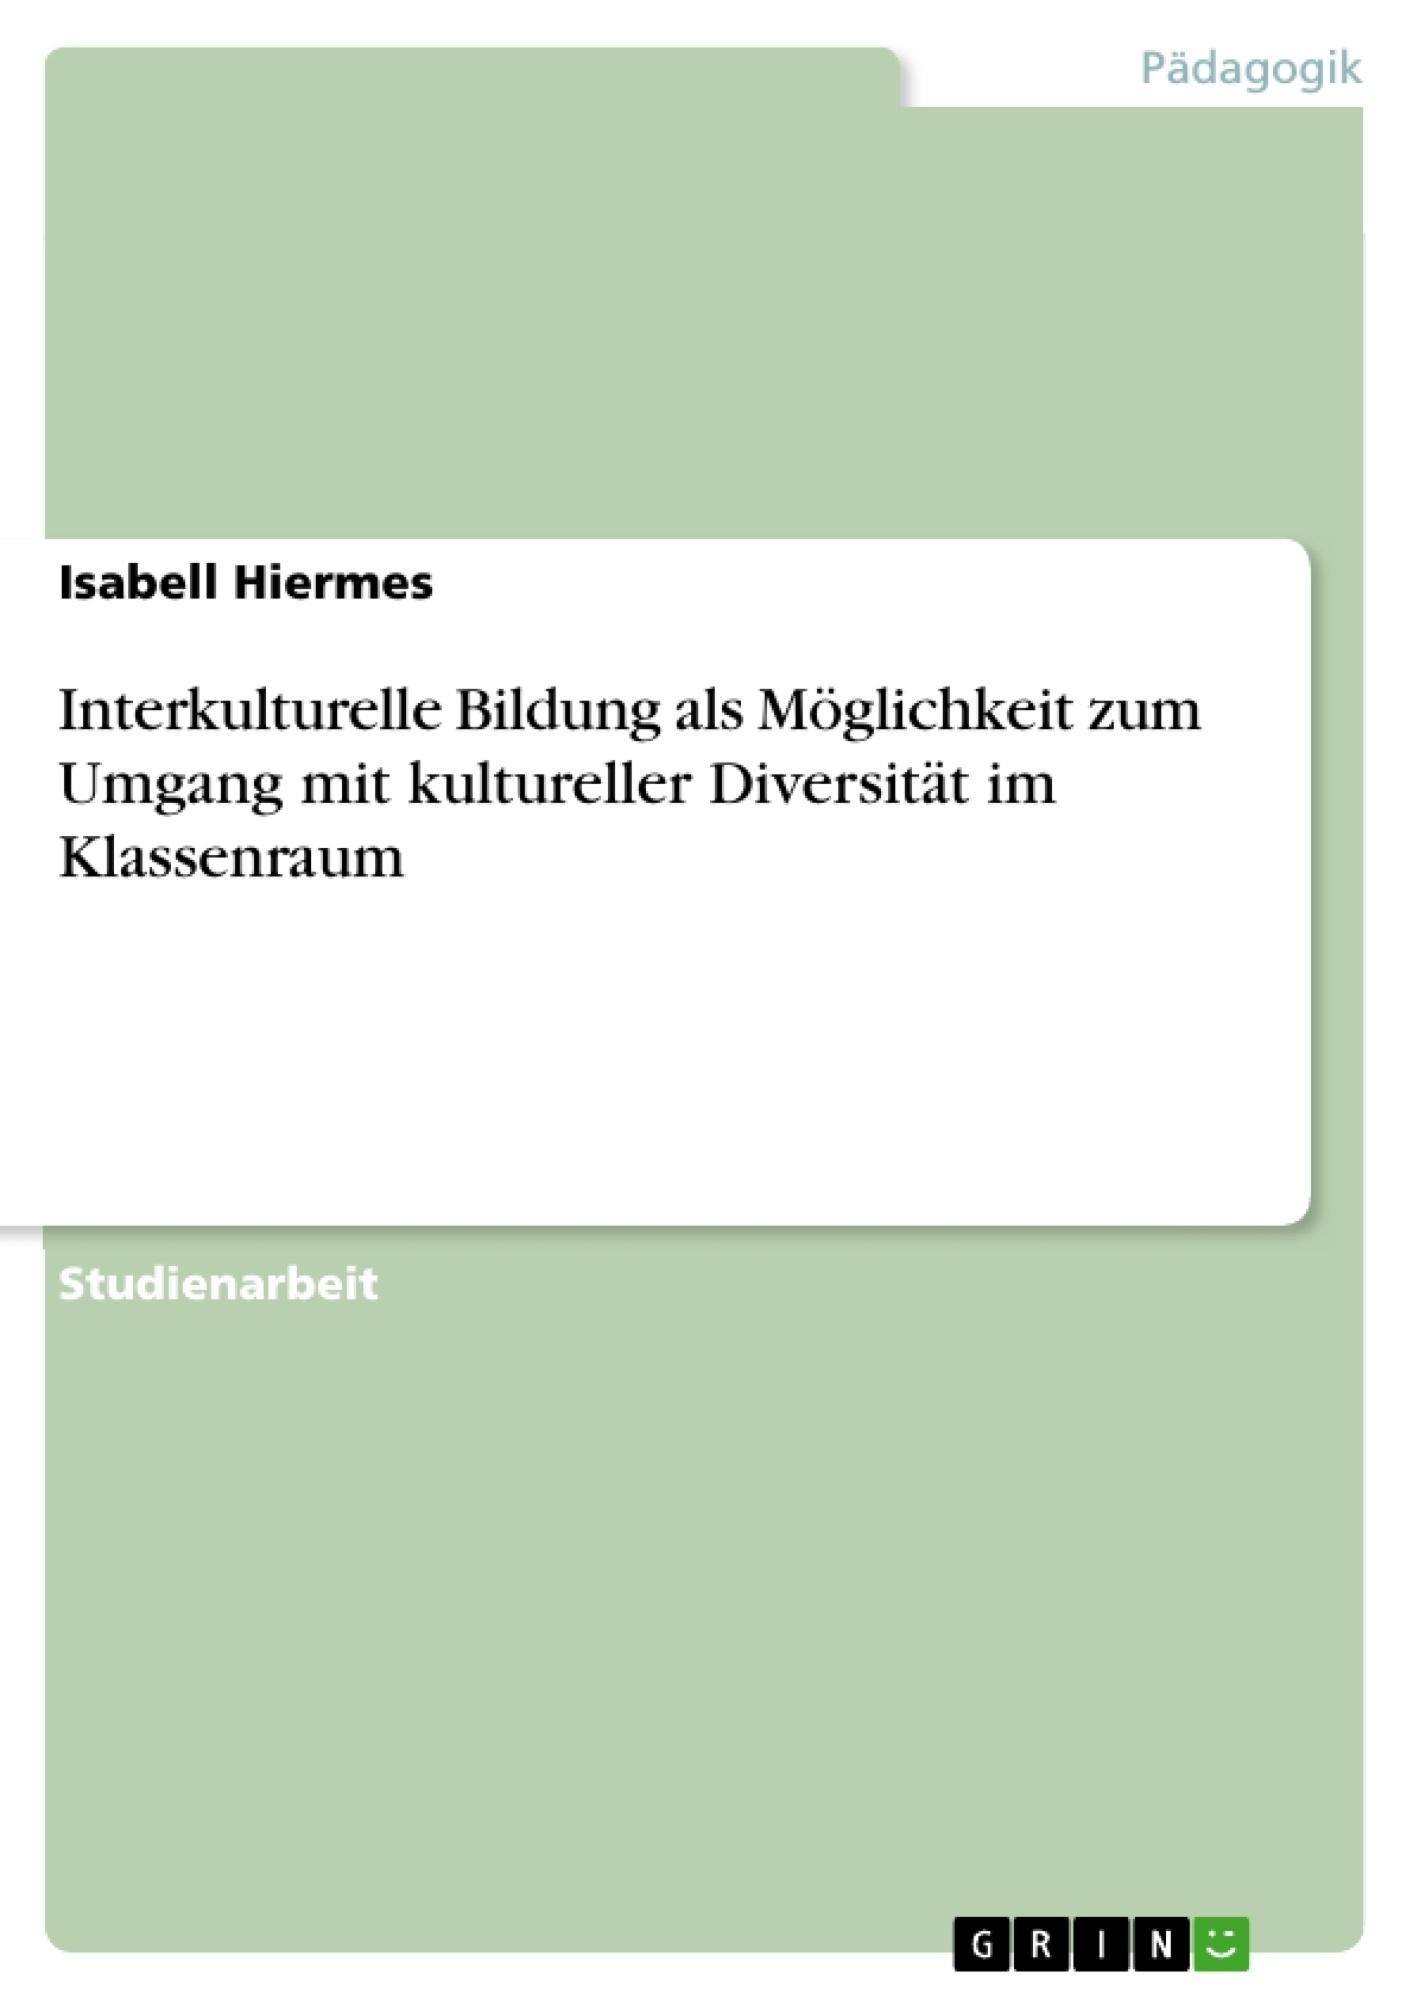 Titel: Interkulturelle Bildung als Möglichkeit zum Umgang mit kultureller Diversität im Klassenraum